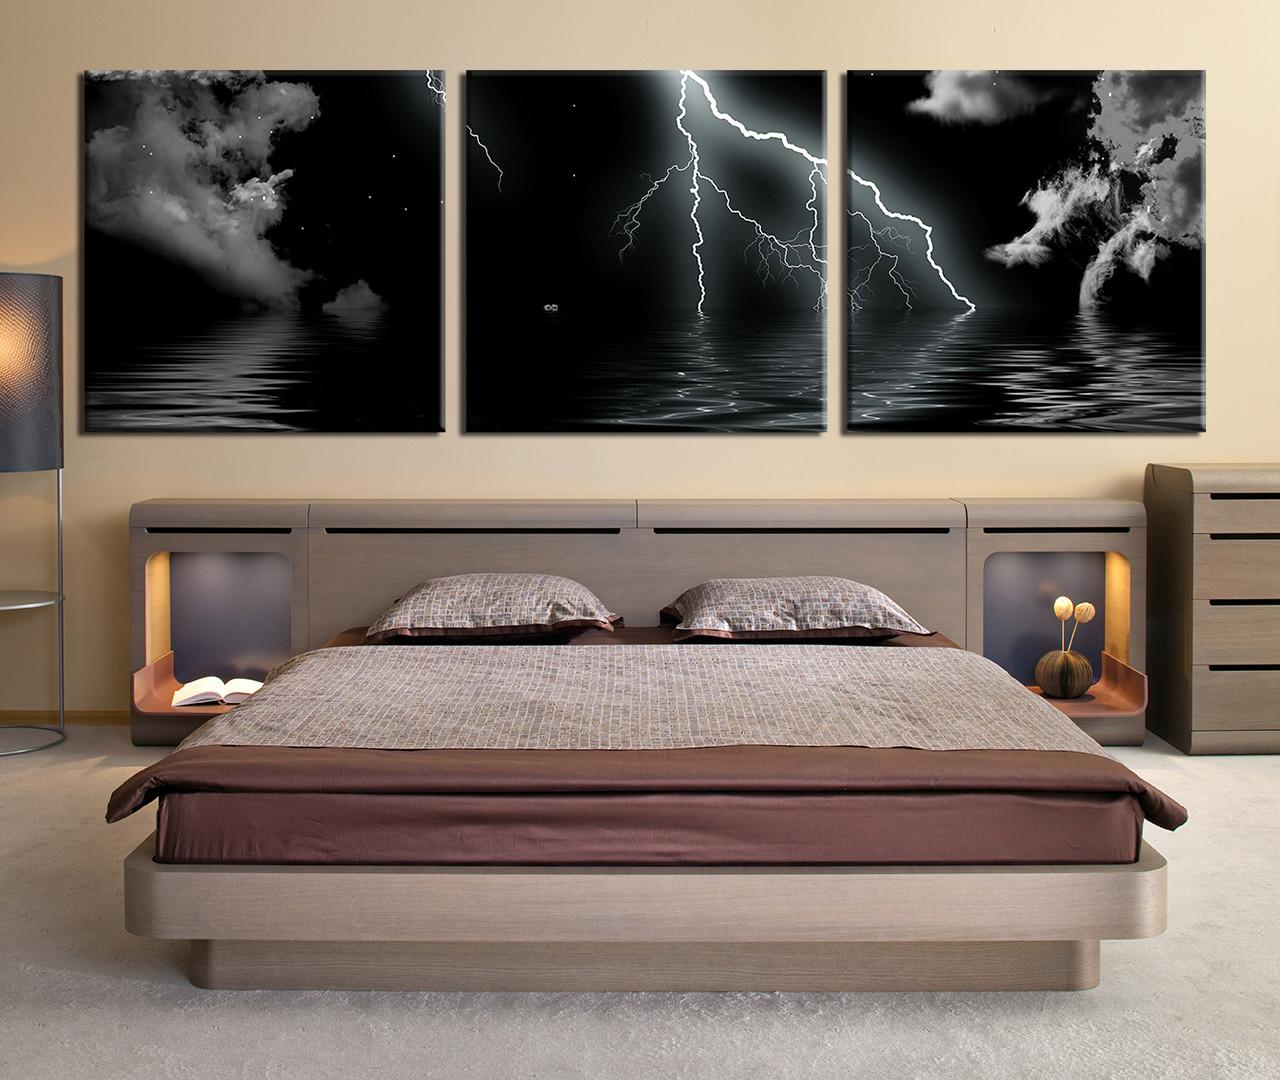 3 piece multi panel art thunderstorm huge pictures ocean